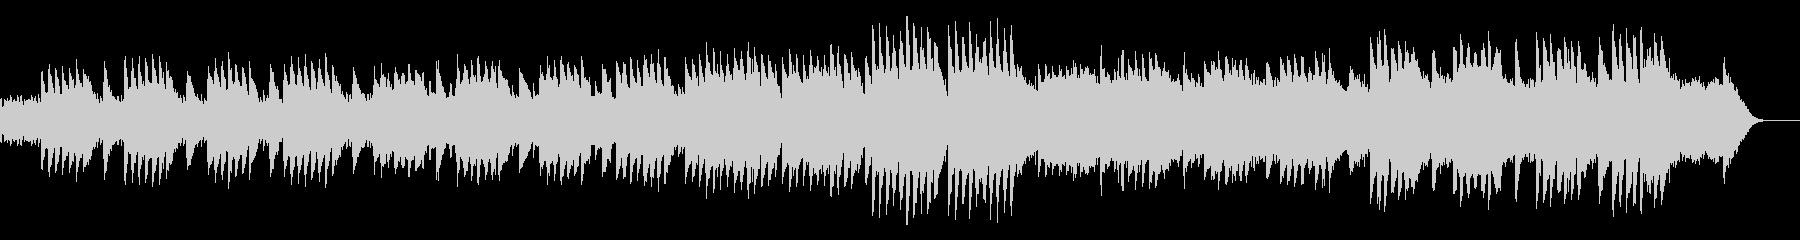 きらきらしたオルゴールのオリジナル曲の未再生の波形